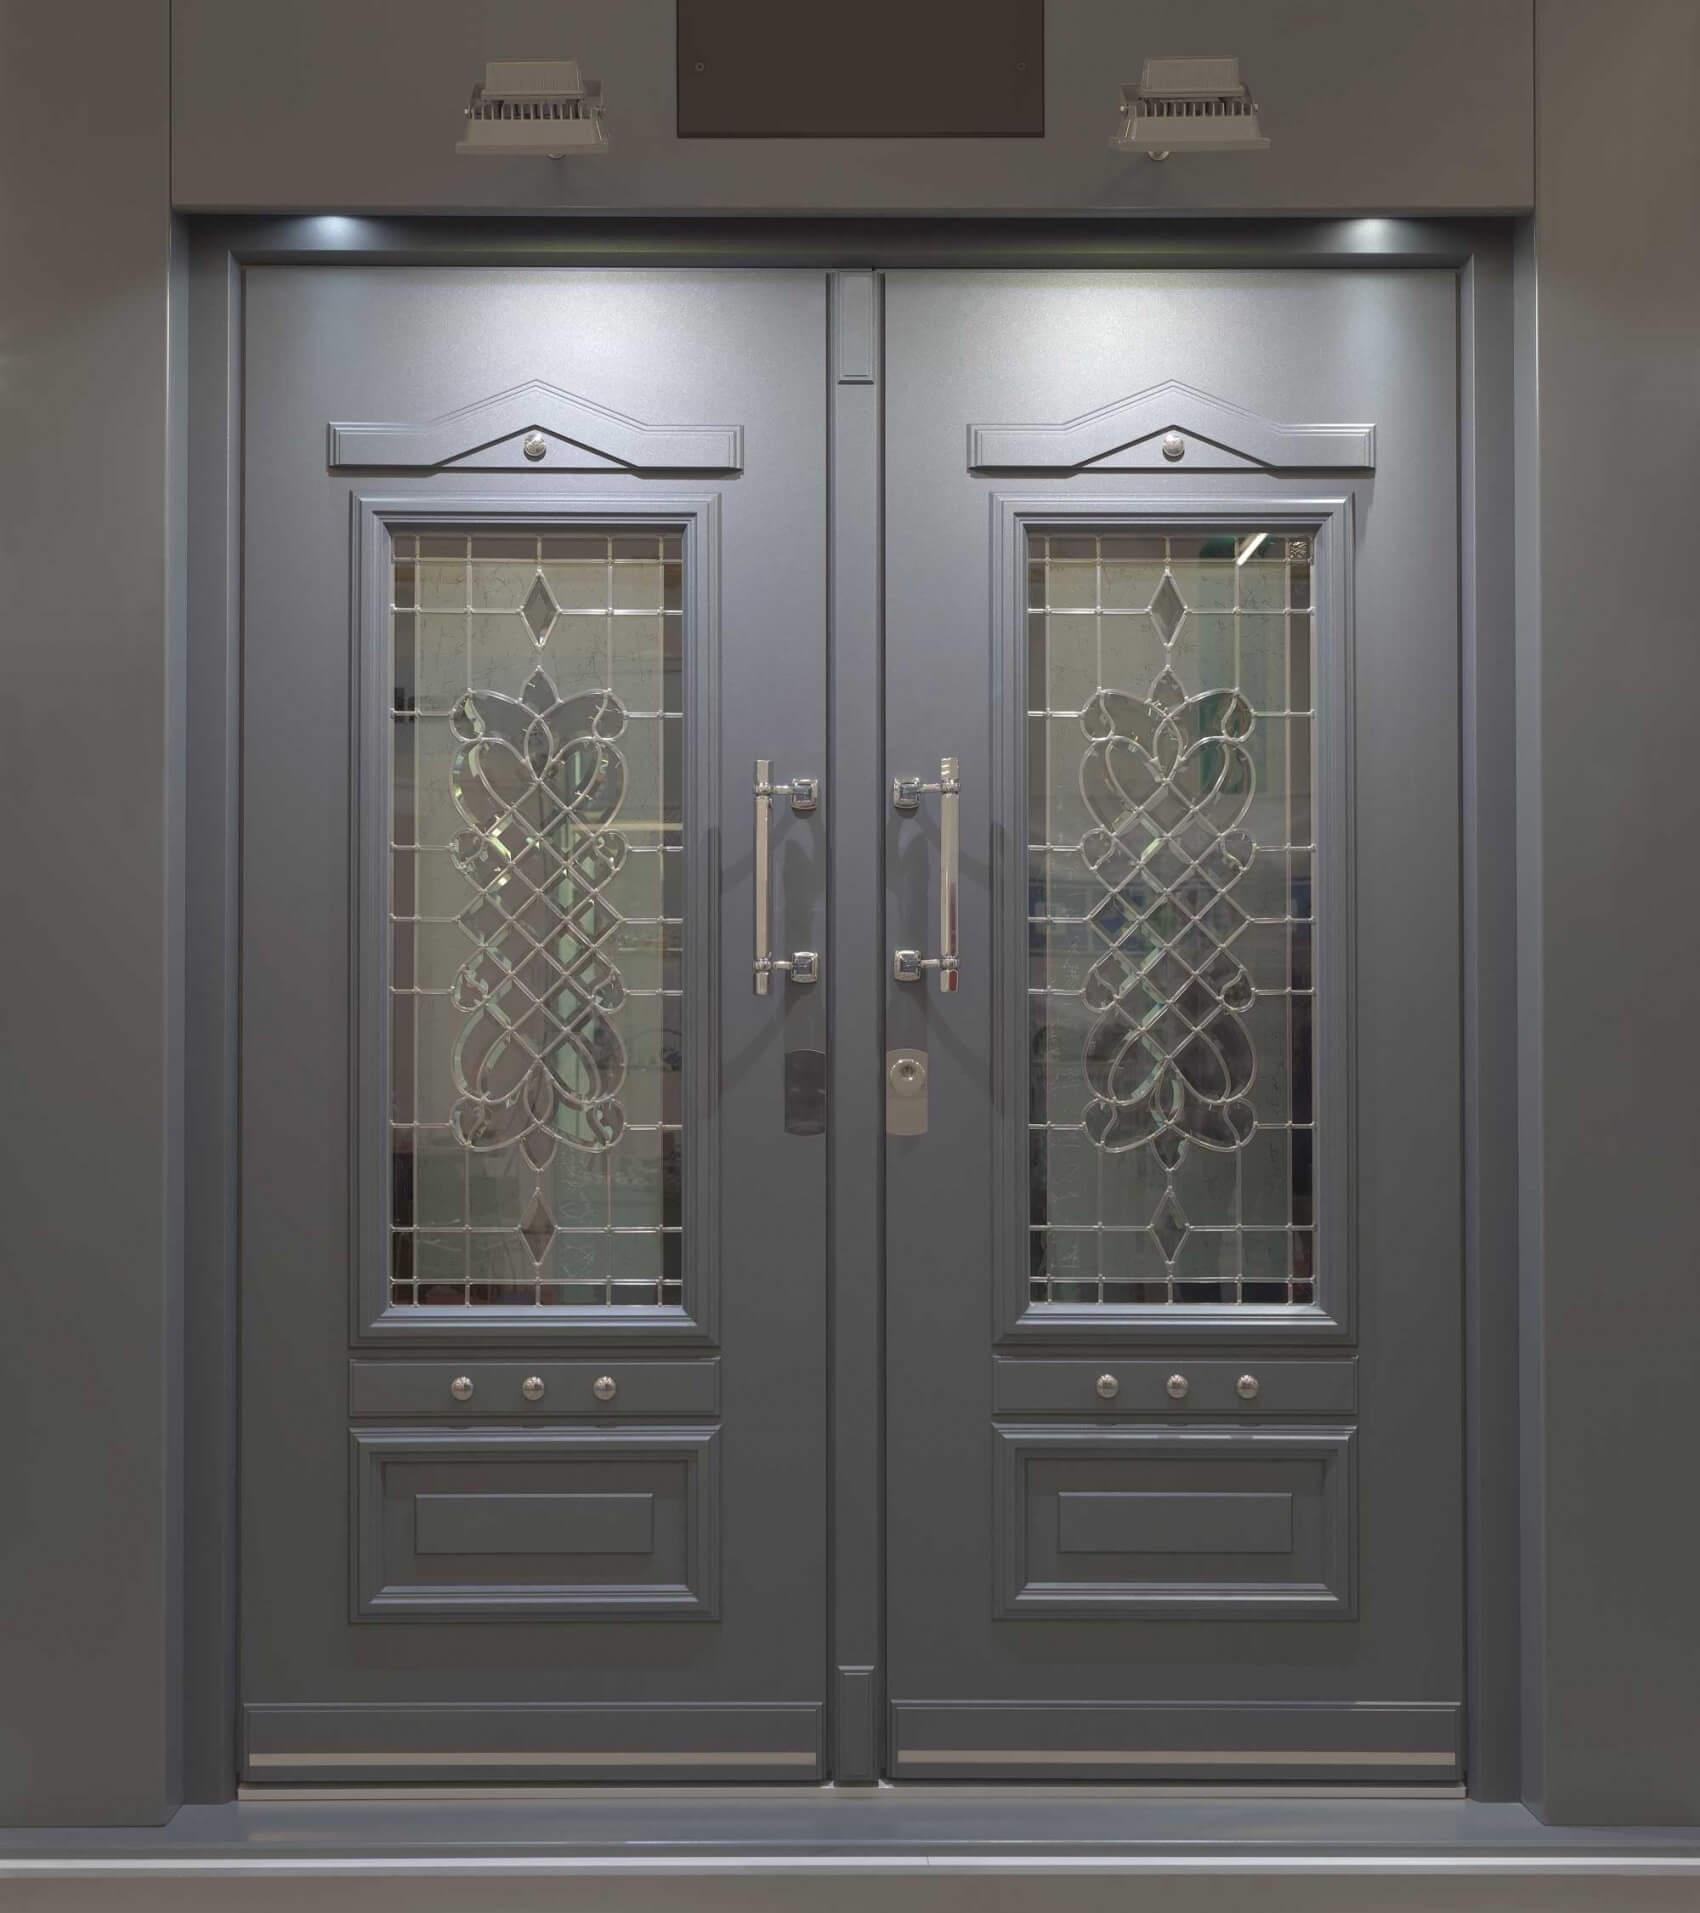 Les avantages incroyables des portes et des fenêtres blindées